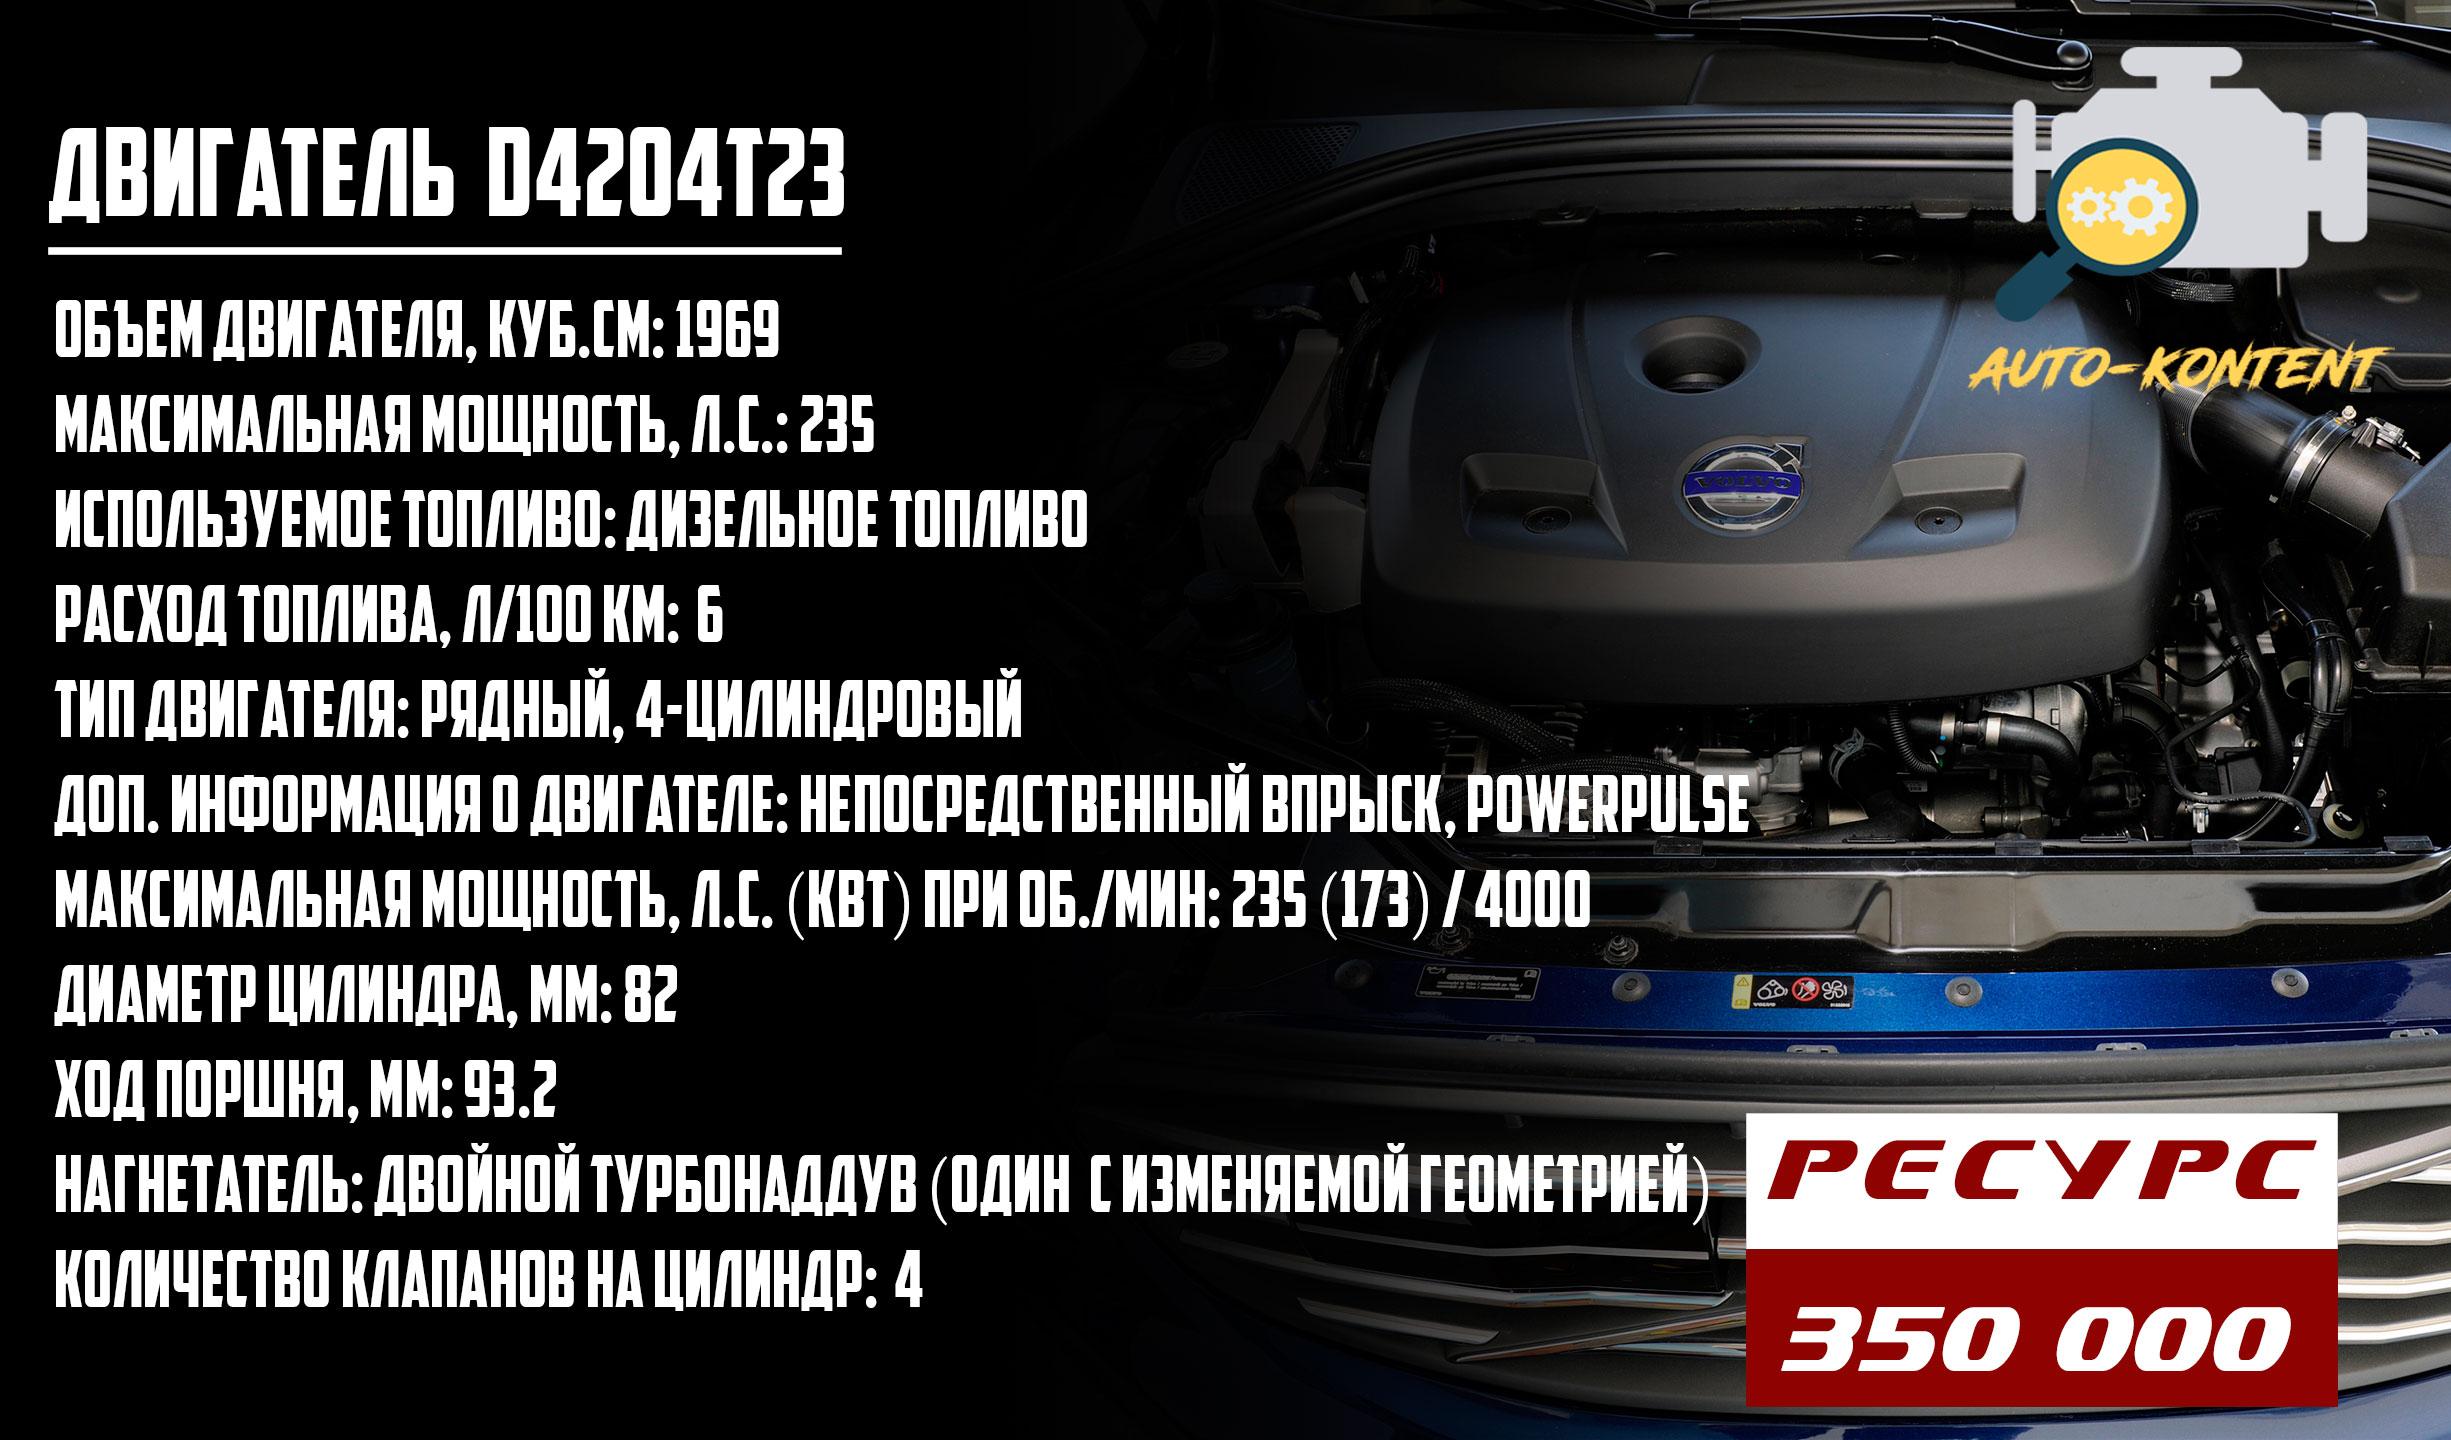 ресурс двигателя D4204T23